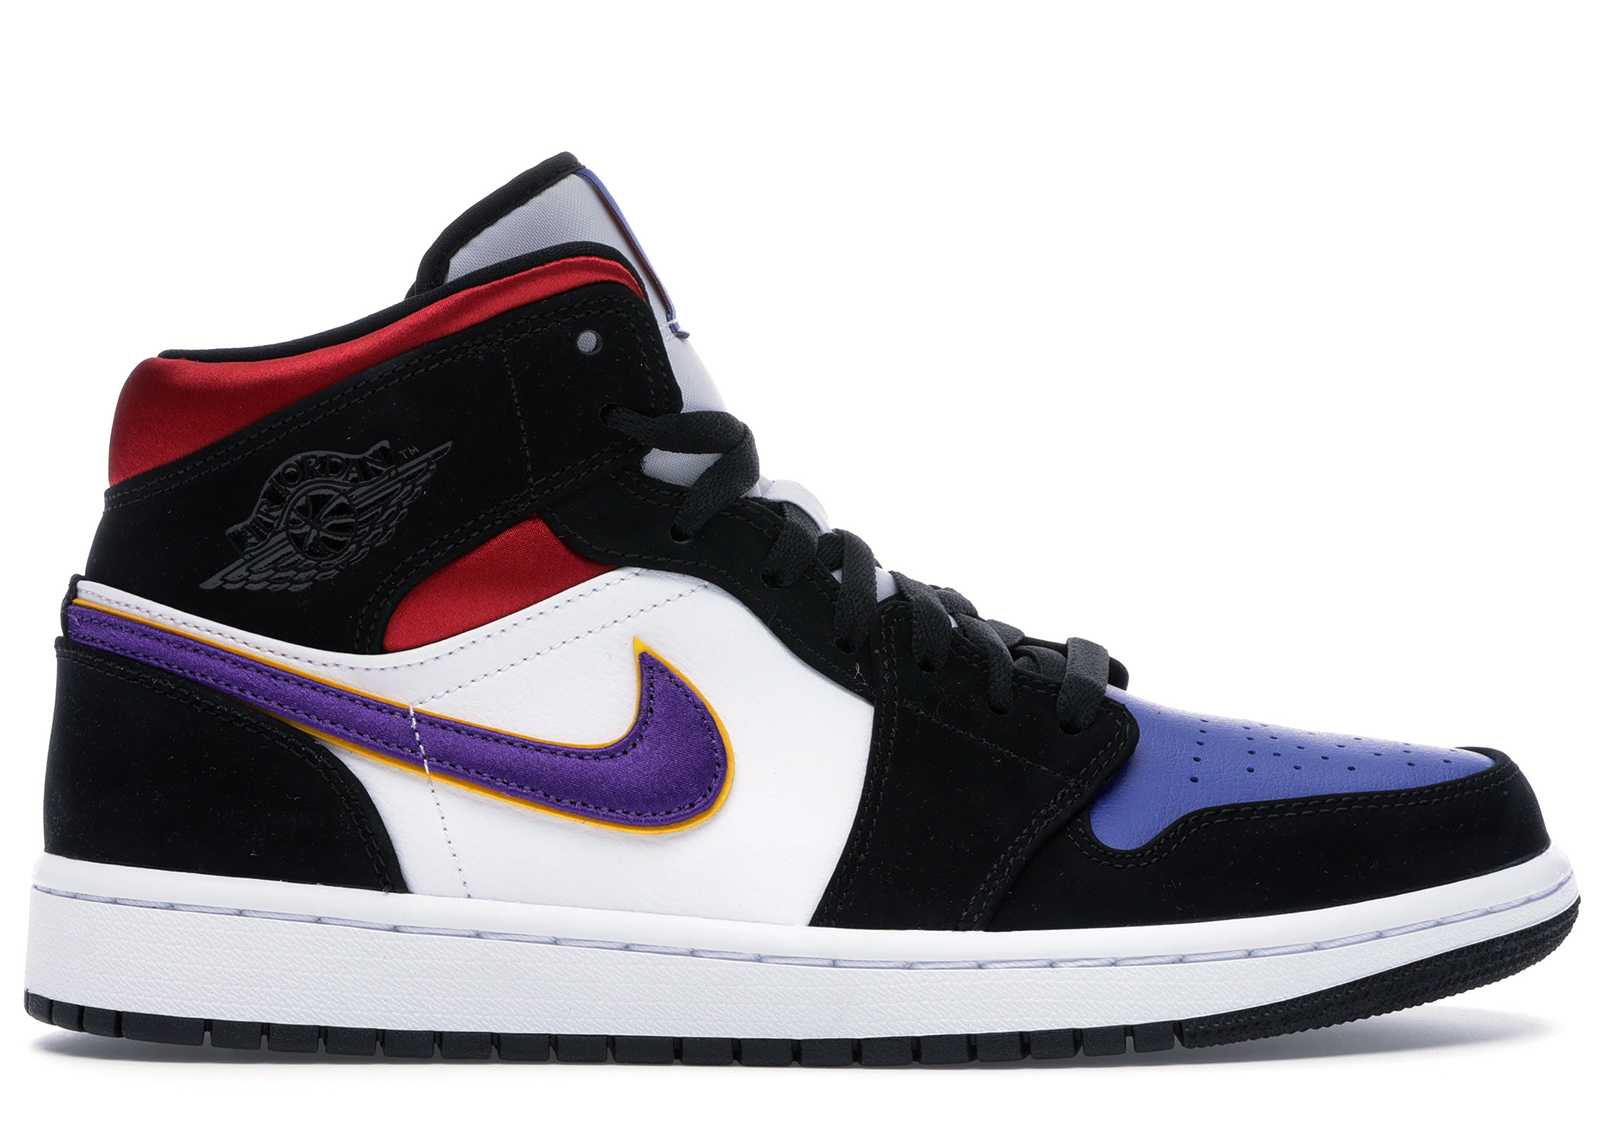 lakers shoes jordan